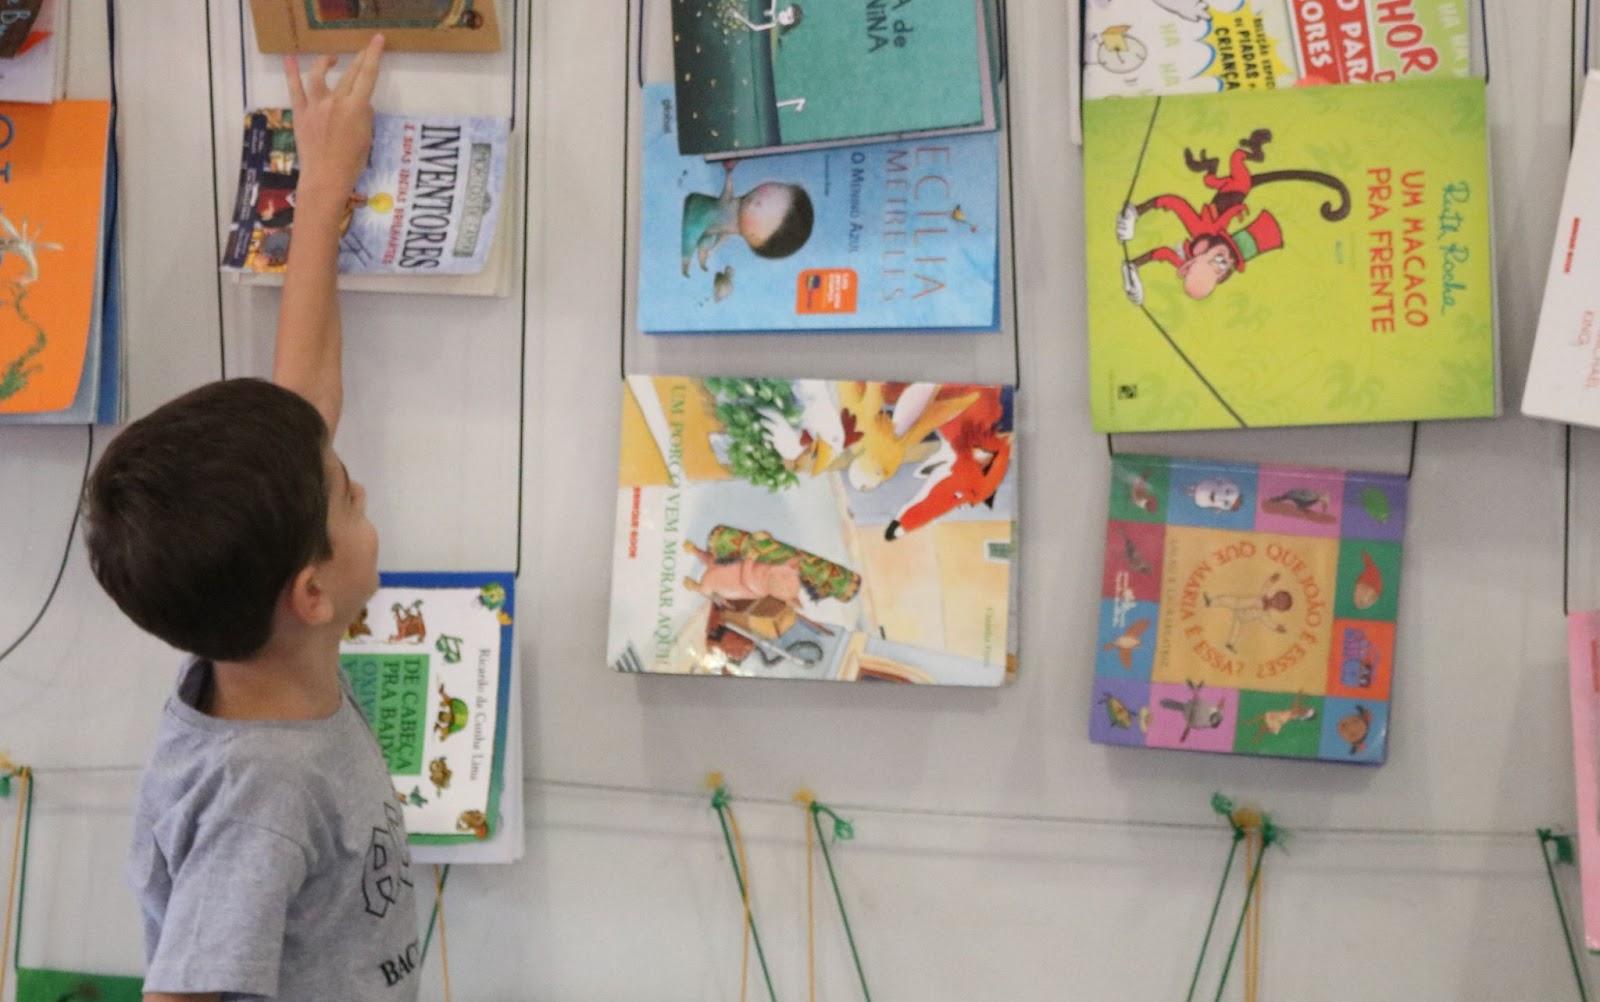 A imagem mostra uma exposição de livros em um cordão. Um menino, à frente, tenta alcançar um dos livros.